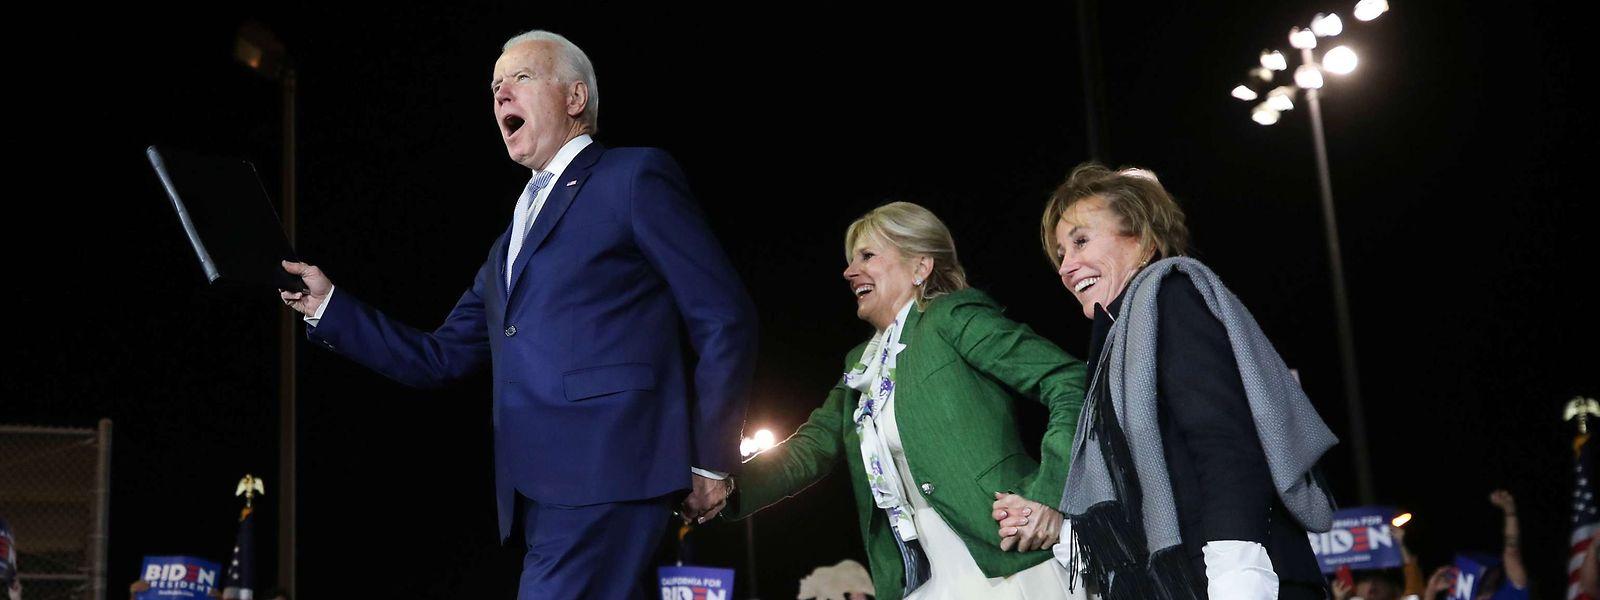 Le candidat démocrate Joe Biden a fait un grand pas vers la désignation.